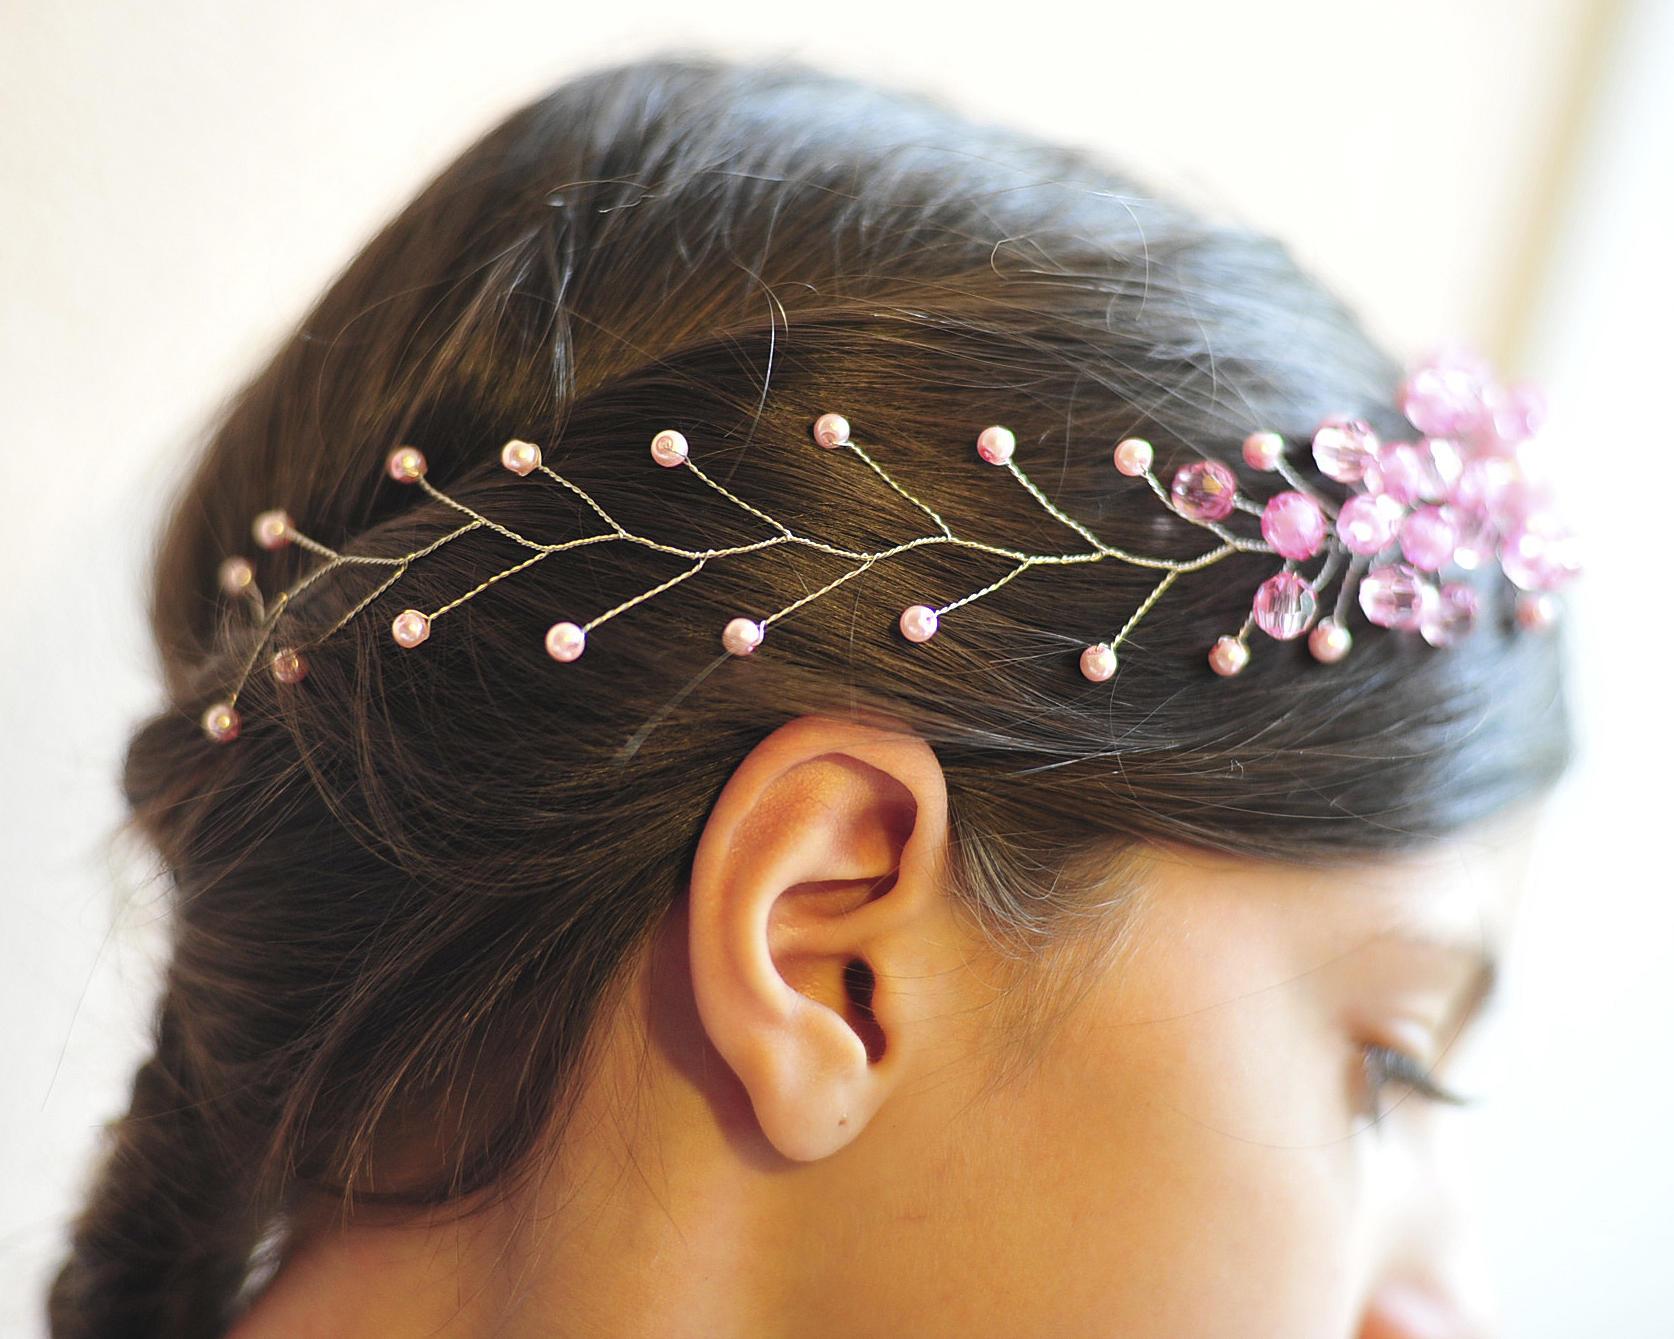 Украшения для волос своими руками. Как изготовить украшения